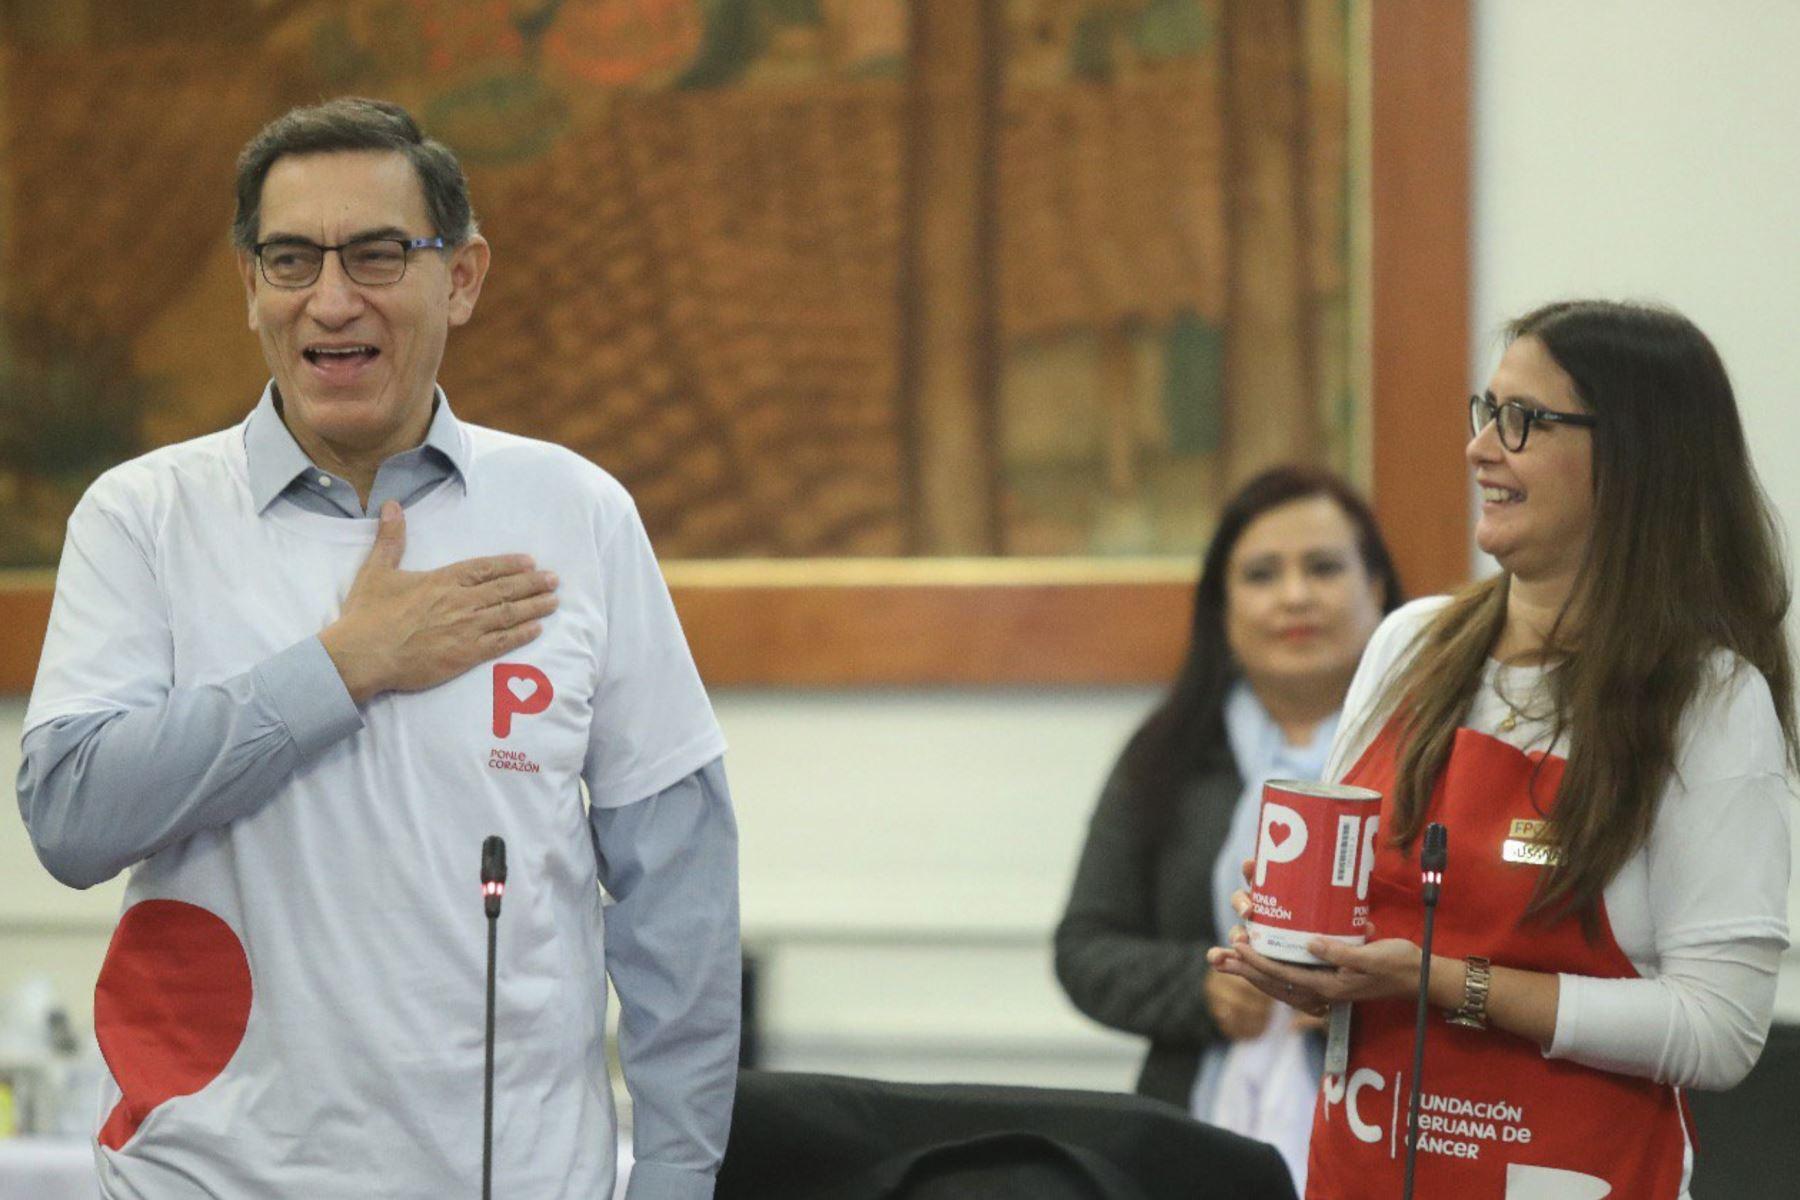 Visita de los voluntarios Ponle Corazón al Consejo de Ministros. Foto: ANDINA/Prensa Presidencia